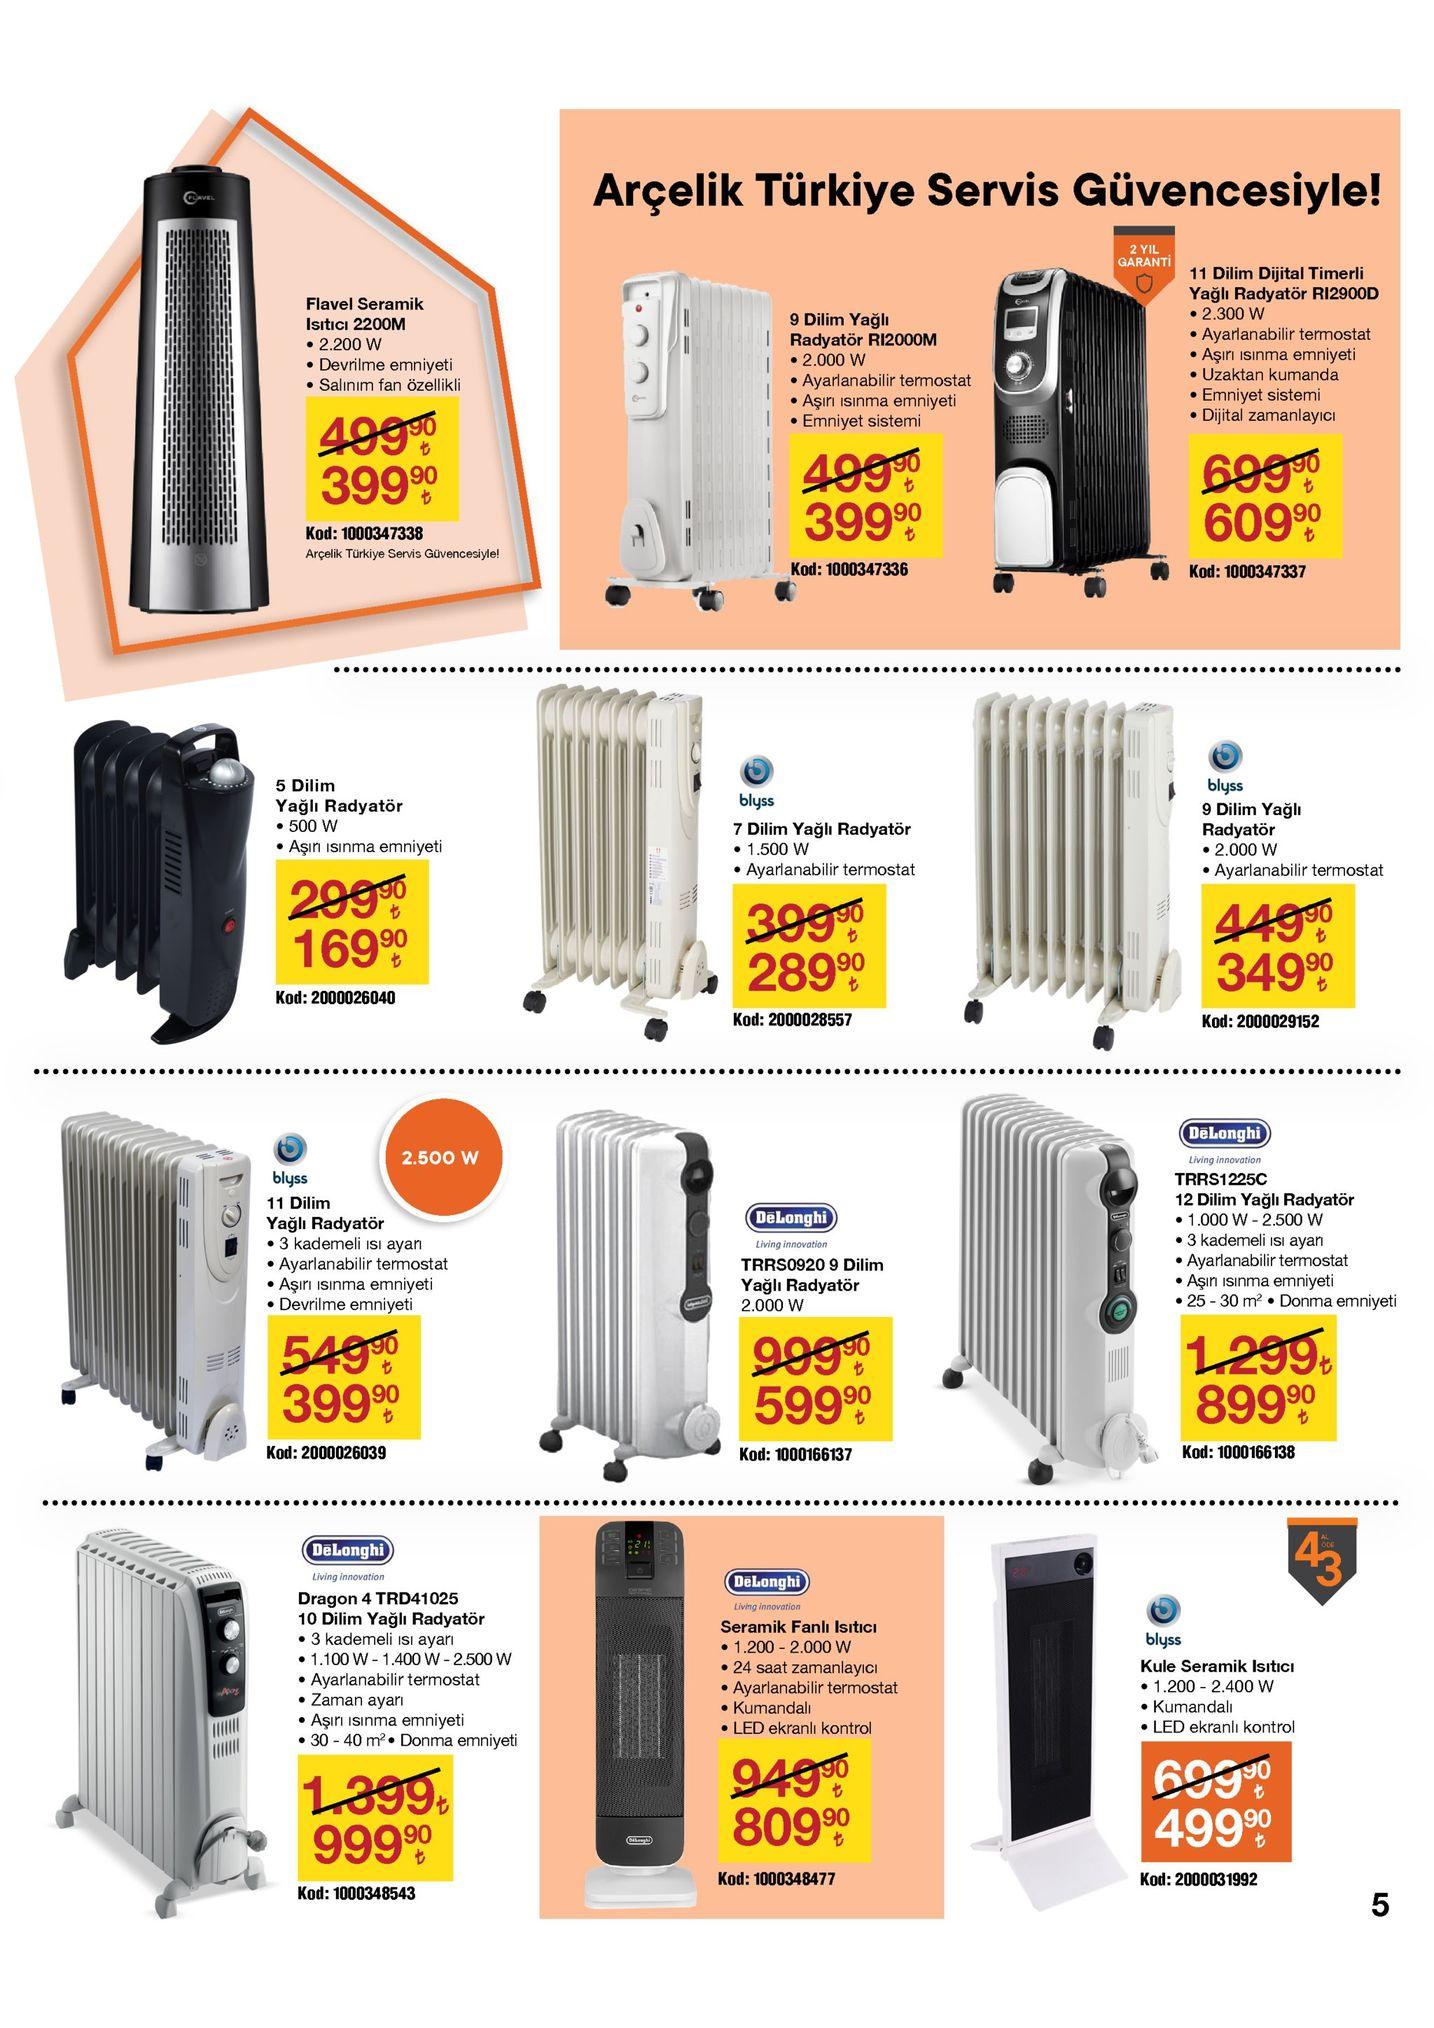 """arçelik türkiye servis güvencesiyle! cavel 2 yil garanti 11 dilim dijital timerli yağlı radyatör ri2900d • 2.300 w ayarlanabilir termostat aşırı ısınma emniyeti • uzaktan kumanda emniyet sistemi • dijital zamanlayıcı flavel seramik 9 dilim yağlı radyatör ri2000m • 2.000 w • ayarlanabilir termostat aşırı isınma emniyeti emniyet sistemi isıtıcı 2200m • 2.200 w • devrilme emniyeti • salınım fan özellikli 4990 399 90 4990 39990 6990 60990 kod: 1000347338 arçelik türkiye servis güvencesiyle! kod: 1000347336 kod: 1000347337 ..... ..... blyss 9 dilim yağlı radyatör • 2.000 w ayarlanabilir termostat 5 dilim blyss yağlı radyatör • 500 w aşın ısınma emniyeti 7 dilim yağlı radyatör • 1.500 w ayarlanabilir termostat 299 16999 3990 28990 4490 34990 kod: 2000026040 kod: 2000028557 kod: 2000029152 delonghi 2.500 w living innovation blyss trrs1225c 12 dilim yağlı radyatör 11 dilim delonghi • 1.000 w - 2.500 w • 3 kademeli isı ayarı ayarlanabilir termostat aşın ısınma emniyeti • 25 - 30 m? • donma emniyeti yağlı radyatör • 3 kademeli isı ayarı ayarlanabilir termostat aşırı isınma emniyeti • devrilme emniyeti living innovation trrs0920 9 dilim yağlı radyatör 2.000 w 5490 39990 1.299, 89990 9990 59990 kod: 1000166138 kod: 2000026039 kod: 1000166137 ...... dēlonghi öde 28 living innovation dēlonghi dragon 4 trd41025 10 dilim yağlı radyatör • 3 kademeli isı ayarı 1.100 w - 1.400 w - 2.500 w ayarlanabilir termostat zaman ayarı living innovation seramik fanlı isıtıcı blyss • 1.200 - 2.000 w • 24 saat zamanlayıcı ayarlanabilir termostat • kumandalı • led ekranlı kontrol kule seramik isıtıcı • 1.200 - 2.400 w kumandalı • led ekranlı kontrol aşırı isınma emniyeti • 30 - 40 m?• donma emniyeti 94990 80990 699"""" 49990 l399. 999 90 (dikenghi kod: 1000348477 kod: 2000031992 kod: 1000348543"""